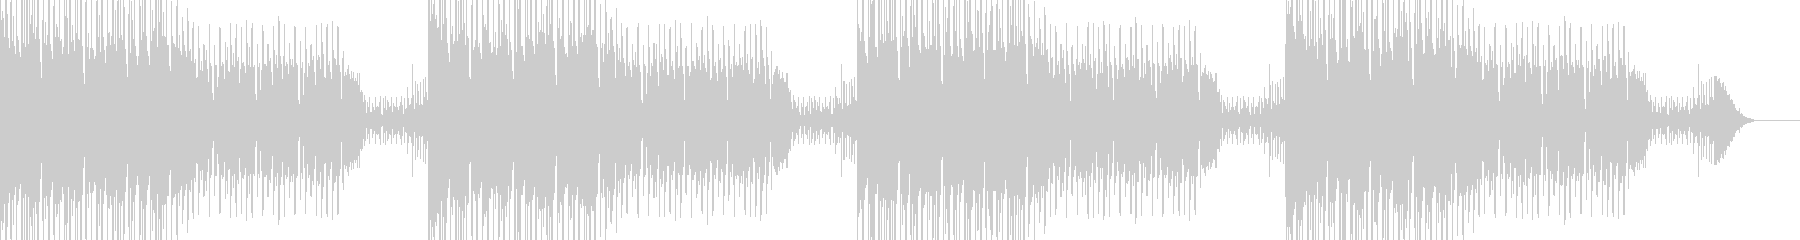 ダークでクールなEDMの未再生の波形